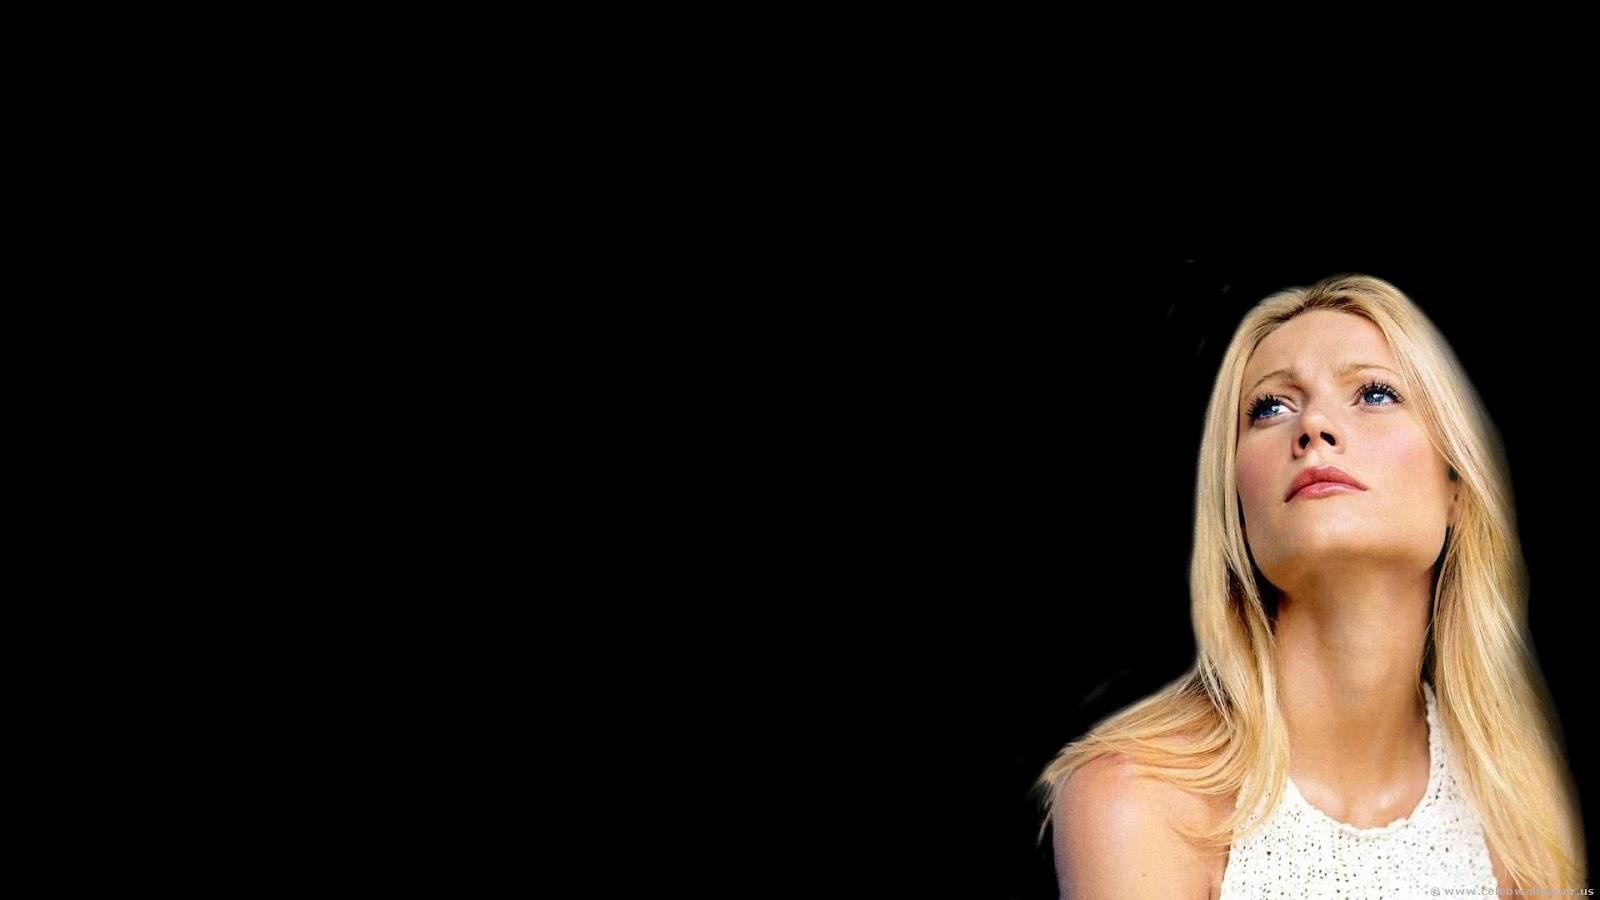 http://3.bp.blogspot.com/-8ckJcE07r8U/UAvAaYXx66I/AAAAAAAAAmI/Fm3aqP_kZEQ/s1600/gwyneth_paltrow_1.jpg